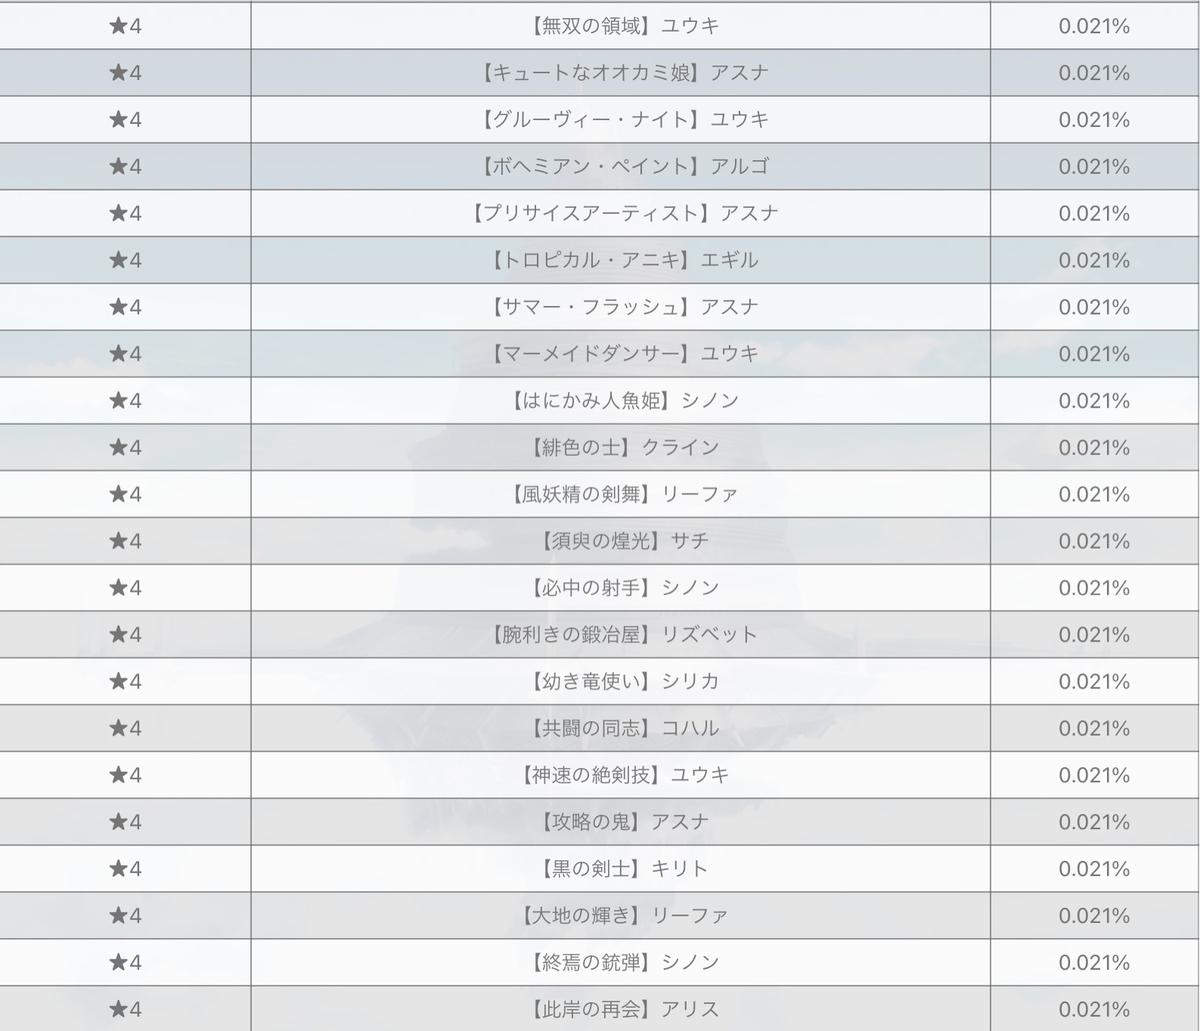 f:id:yukiyukiki3939:20201226152107j:plain